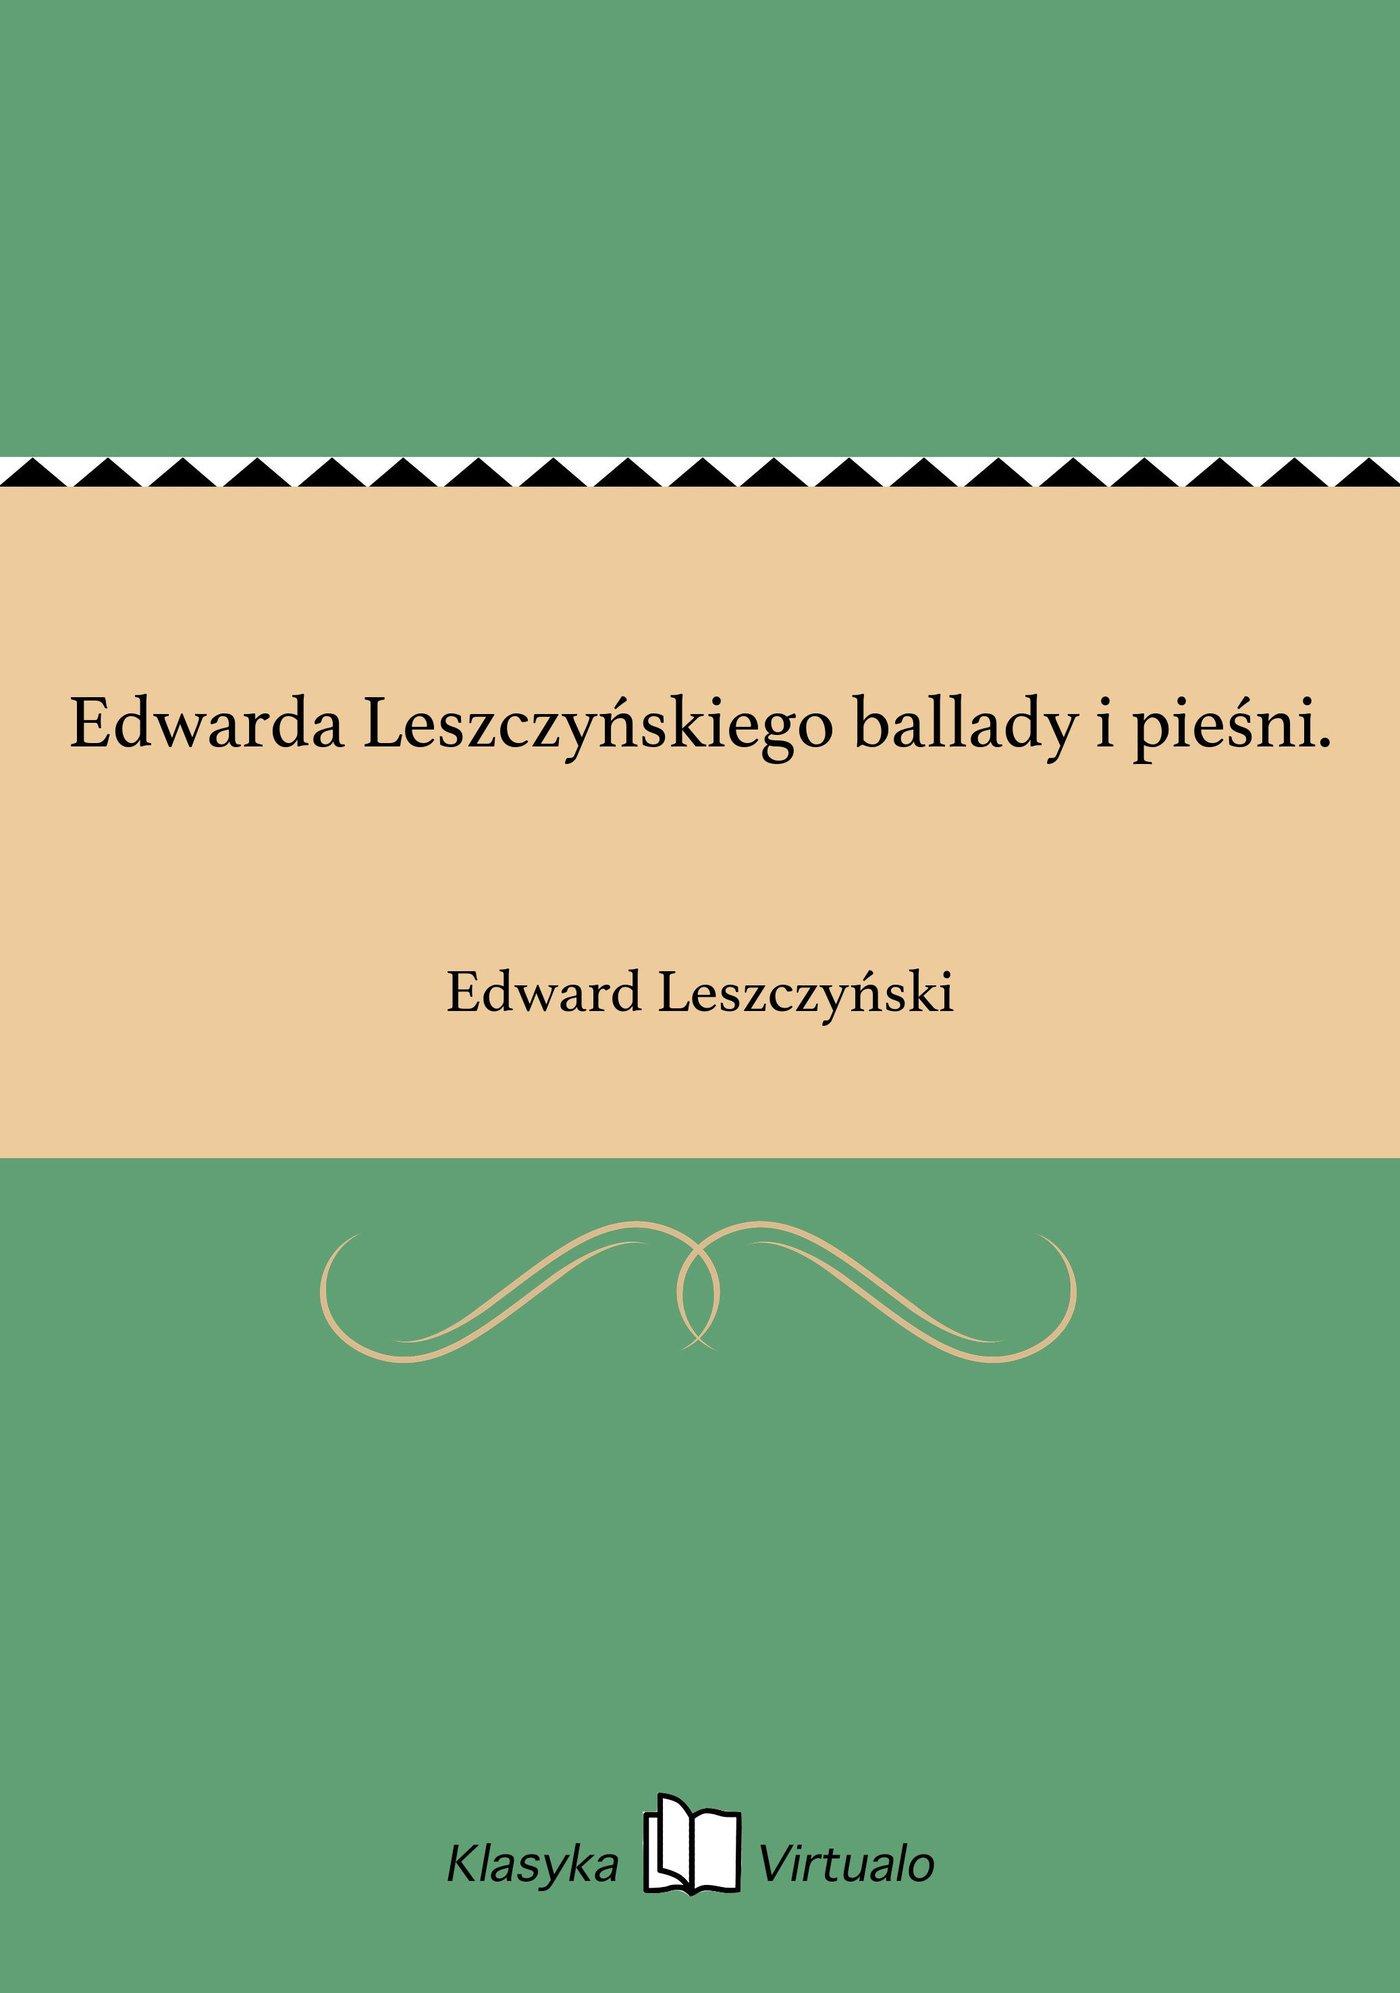 Edwarda Leszczyńskiego ballady i pieśni. - Ebook (Książka EPUB) do pobrania w formacie EPUB